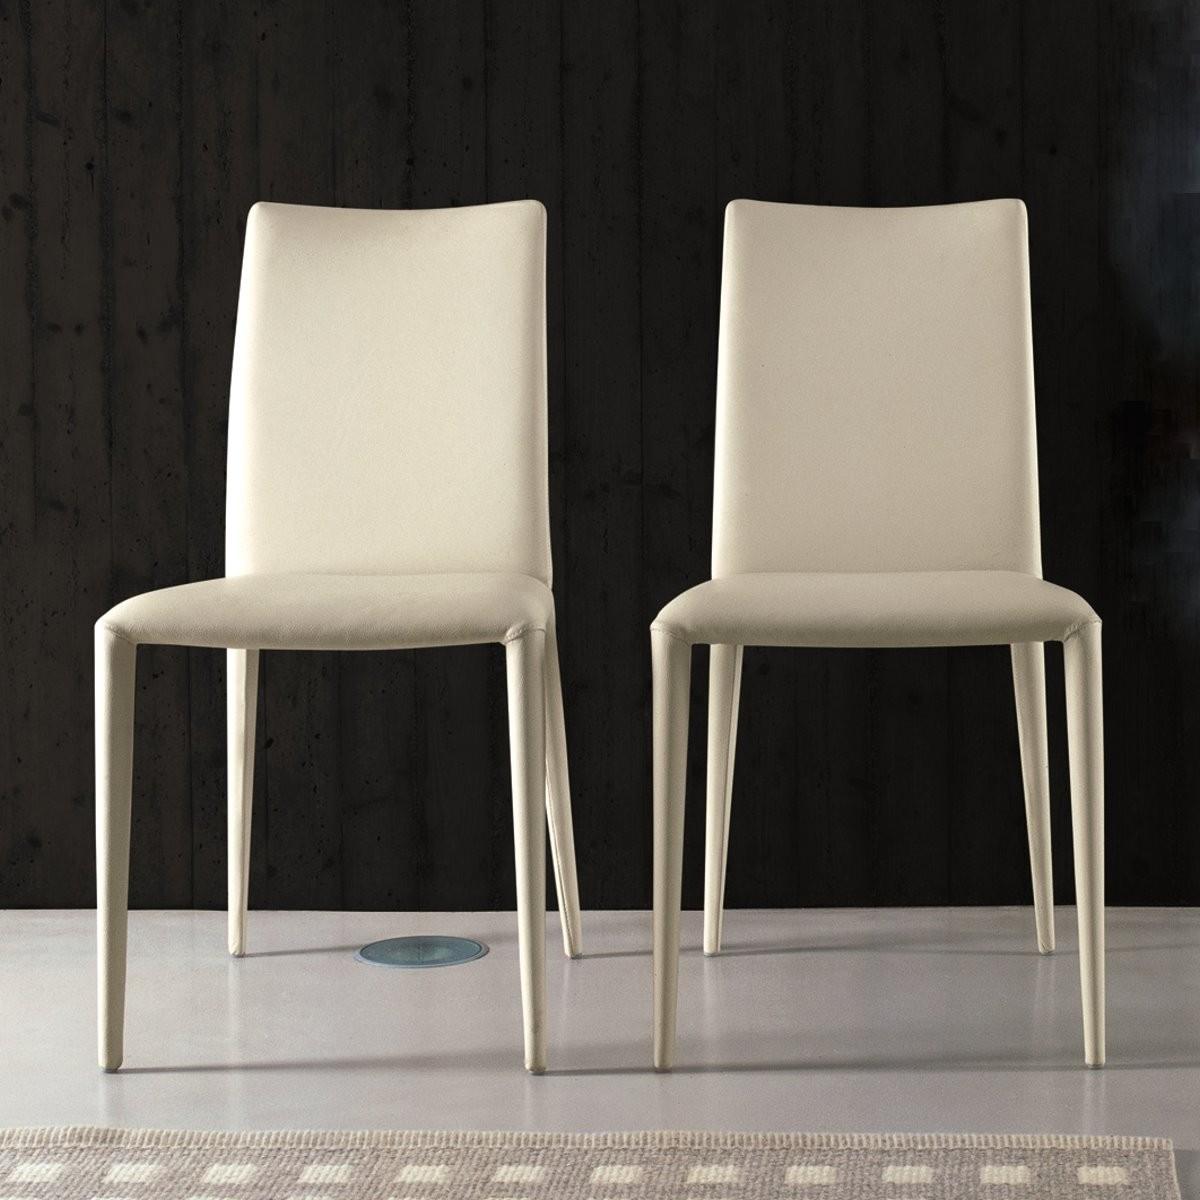 Idee tavoli e sedie arredaclick for Tavoli e sedie prezzi